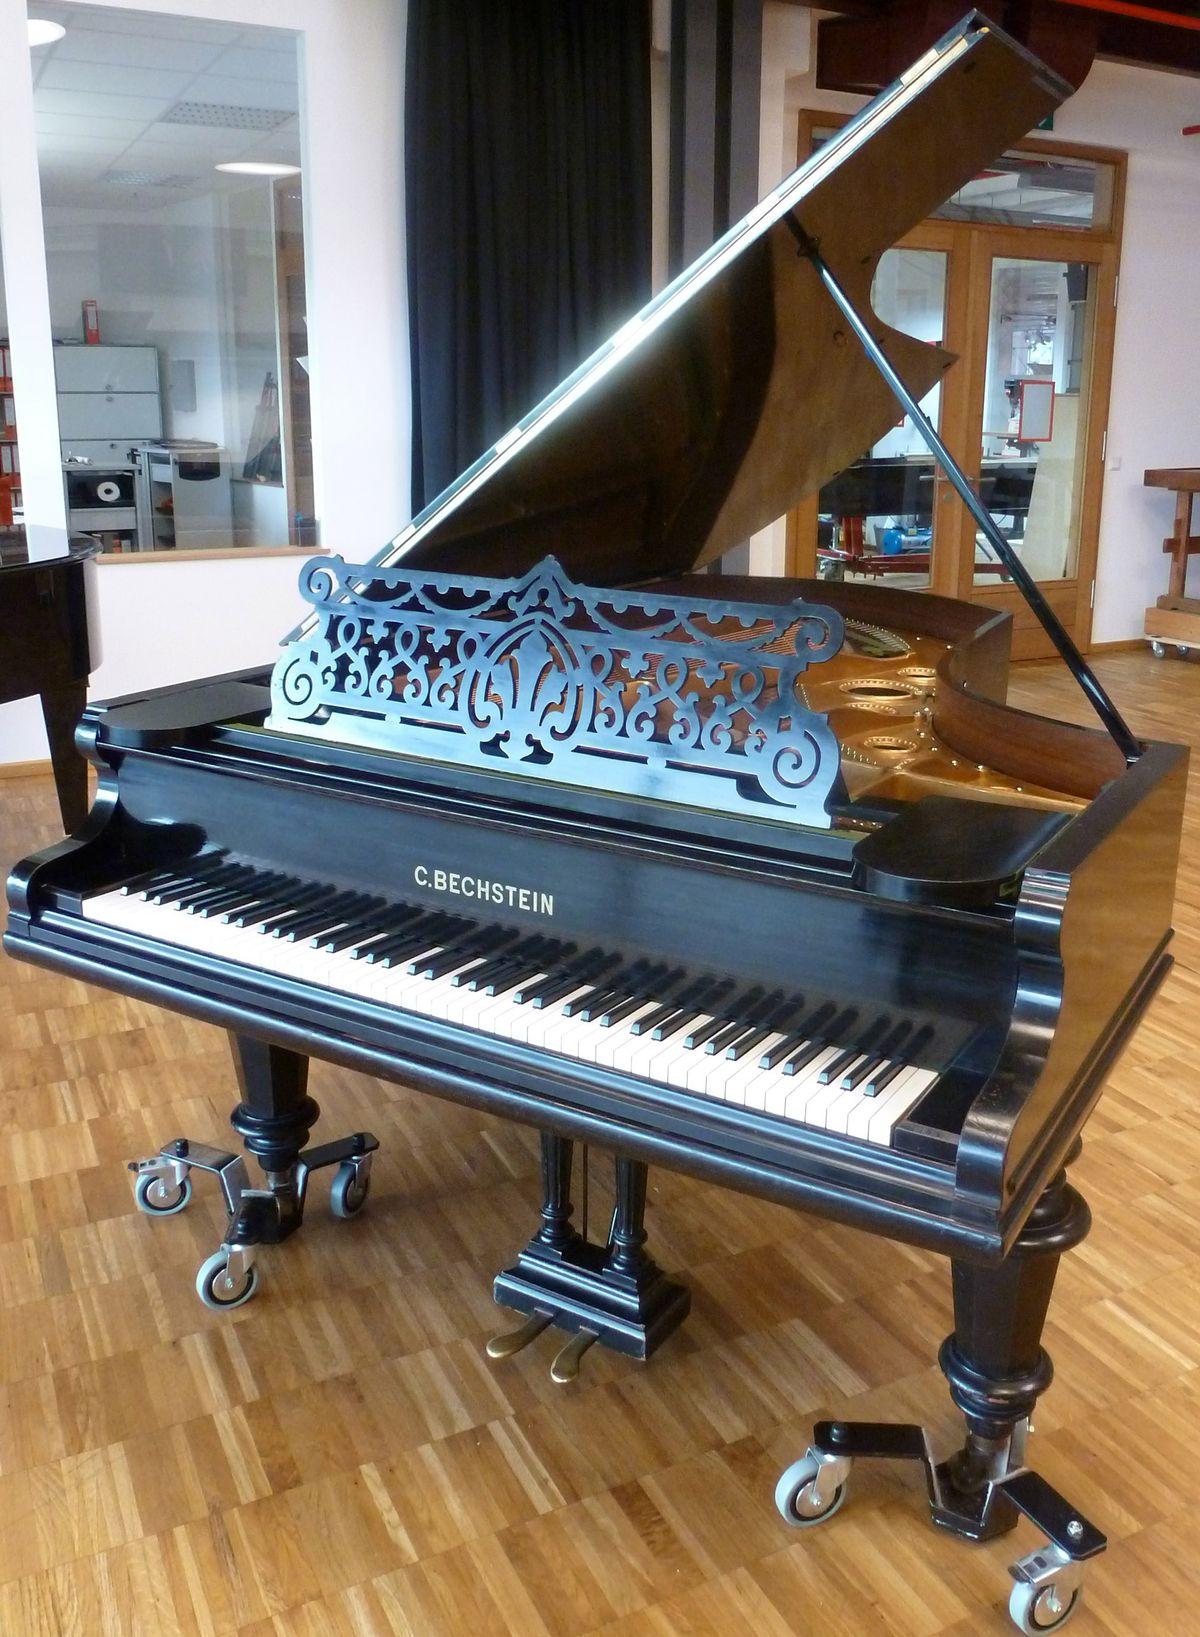 Unschätzbar wertvoll: Ein historischer Flügel, dem die renommierte Passauer Piano-Werkstatt Mora zu altem Glanz und Klang verholfen hat